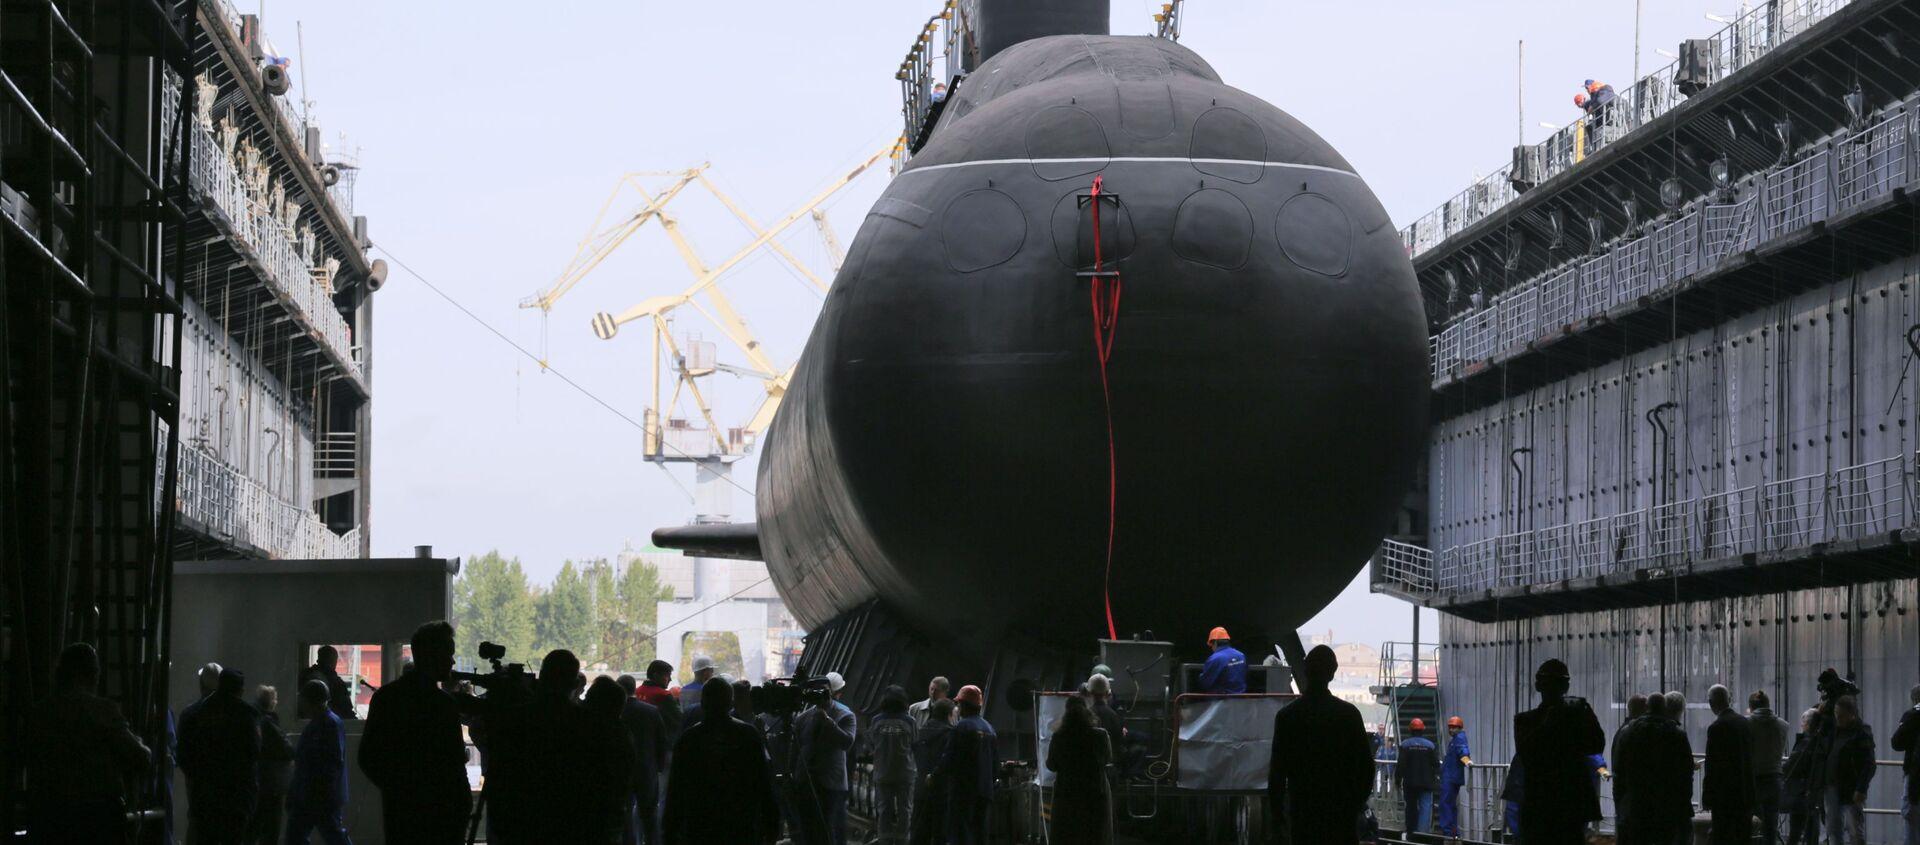 Дизел-електрична подморница Кронштадт пројекта 677 Лада у Санкт Петербургу  - Sputnik Србија, 1920, 09.02.2021